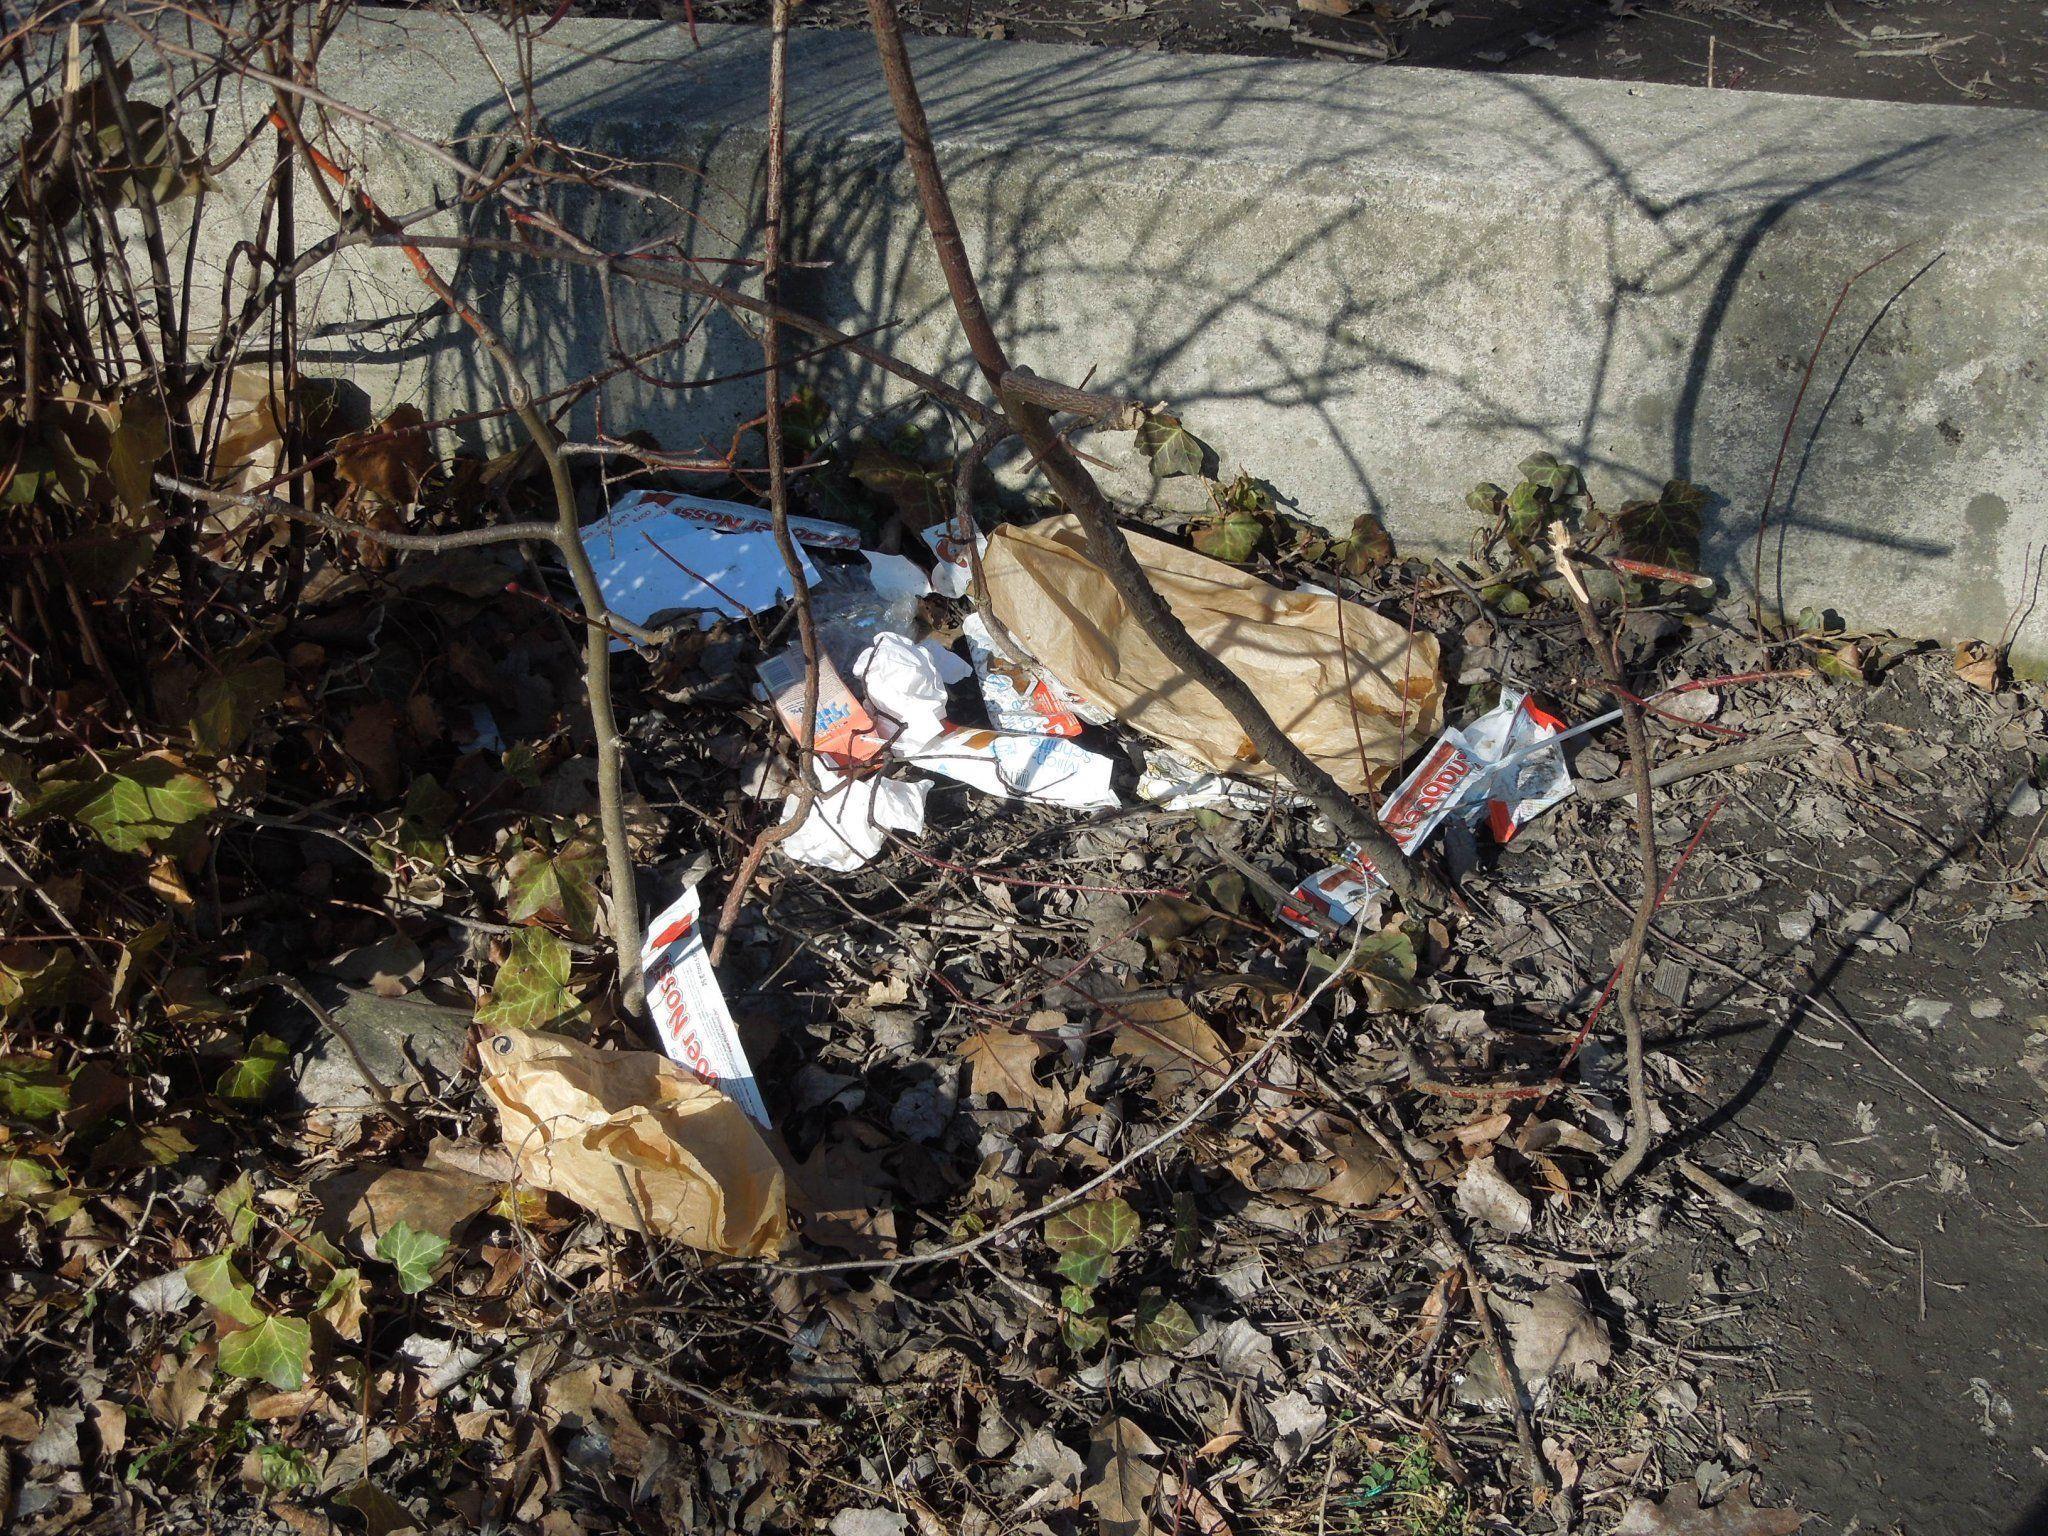 Rund um das Schulgelände im Hasenfeld liegt eine Unmenge an Müll, der achtlos entsorgt wird.